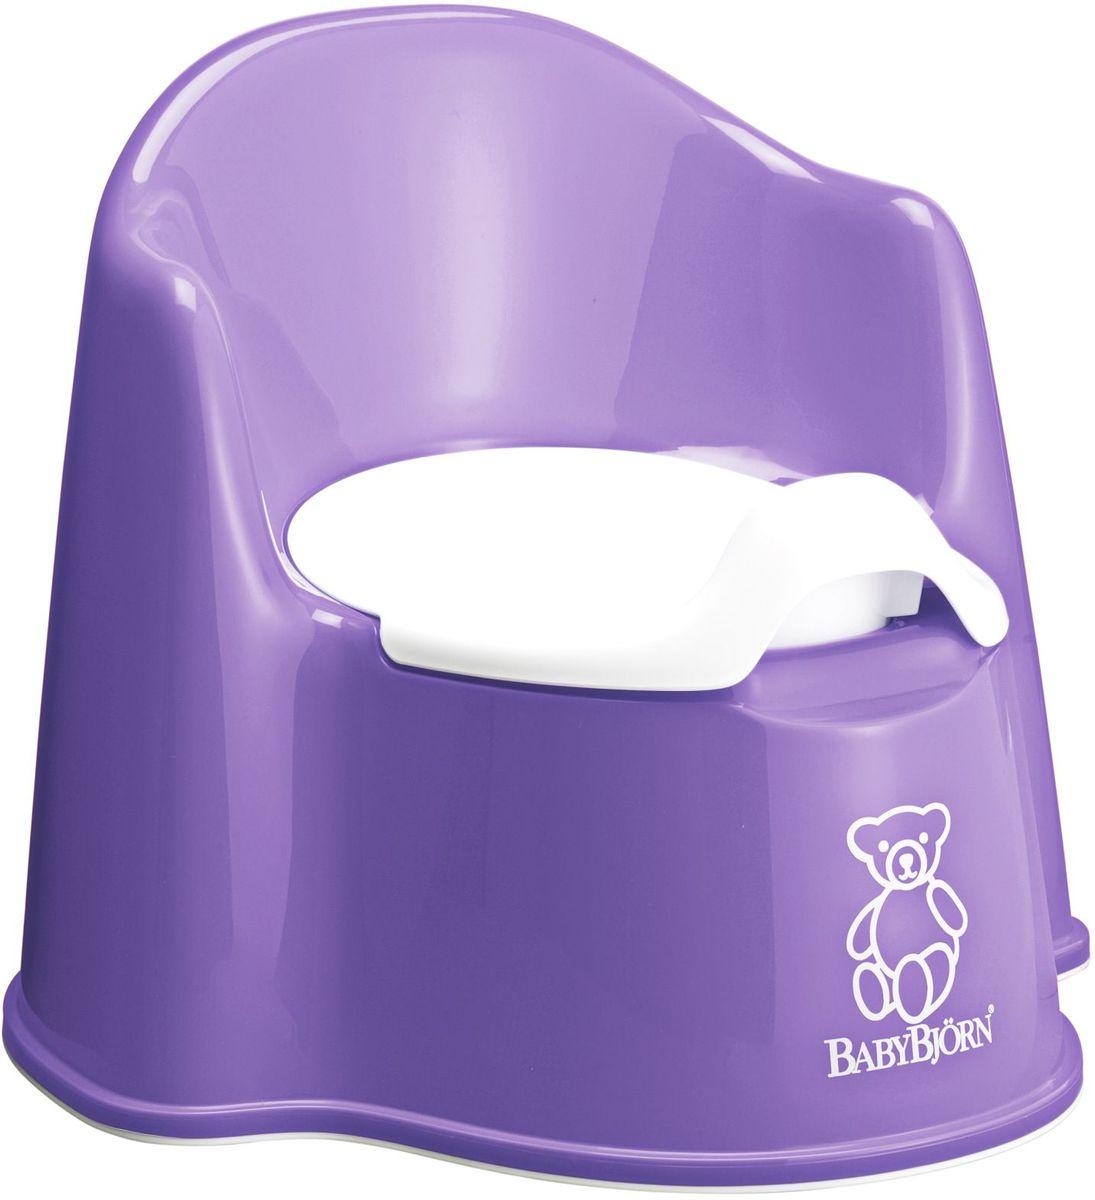 BabyBjorn Горшок-кресло цвет сиреневый горшок детский babybjorn розовый